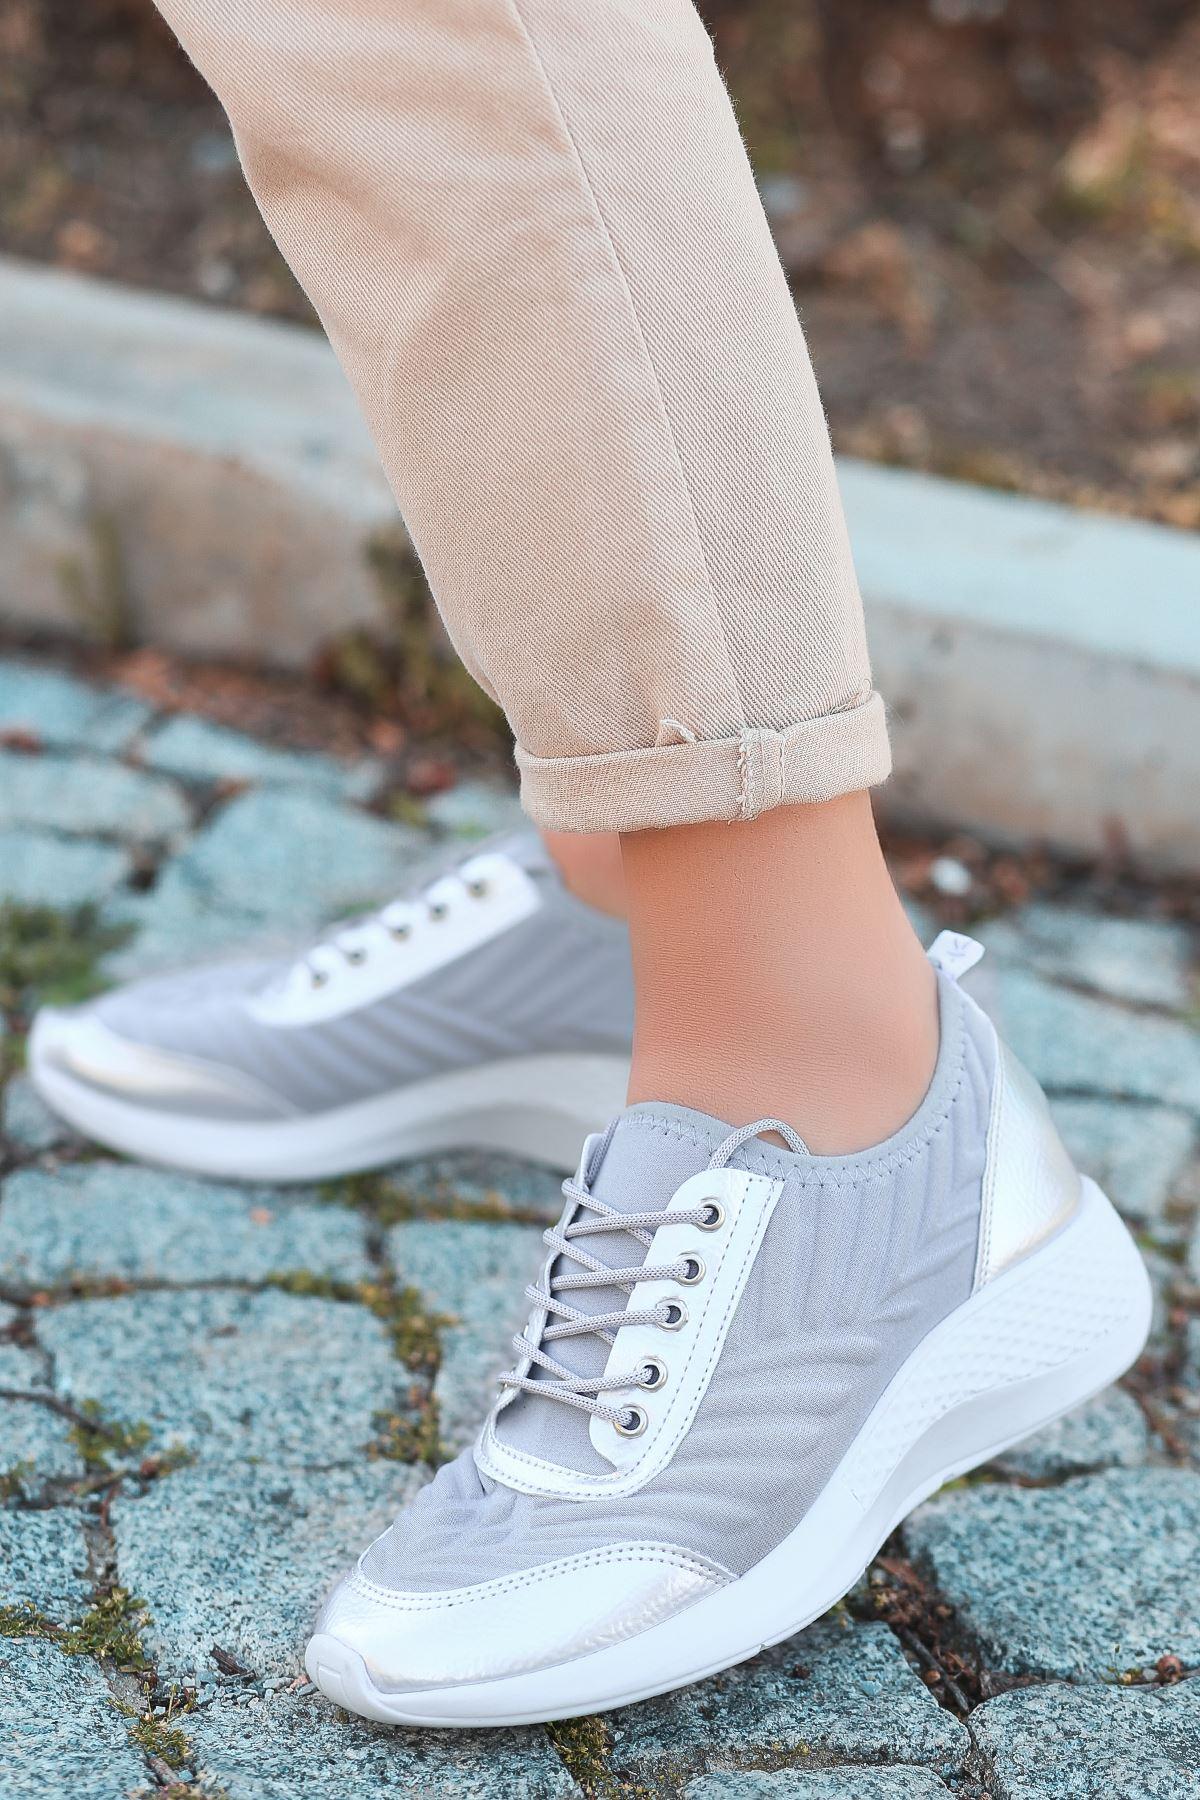 Otuzbes 2022 Kabartma Baskılı Günlük Spor Gri Kadın Spor Ayakkabı